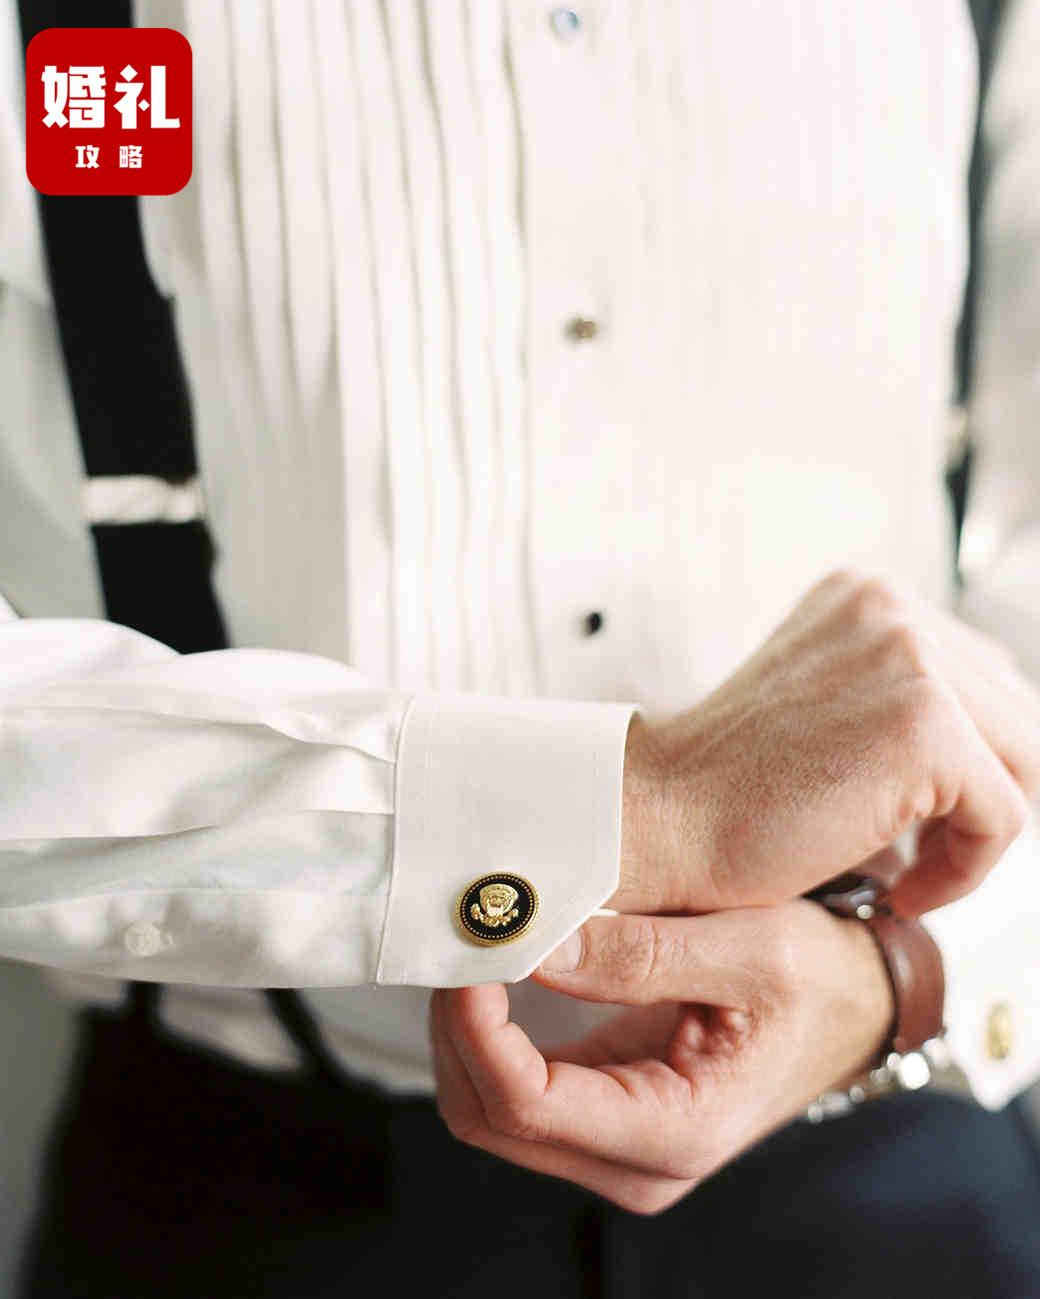 歐美最潮婚禮風格 用祖輩的物件打造真正的復古